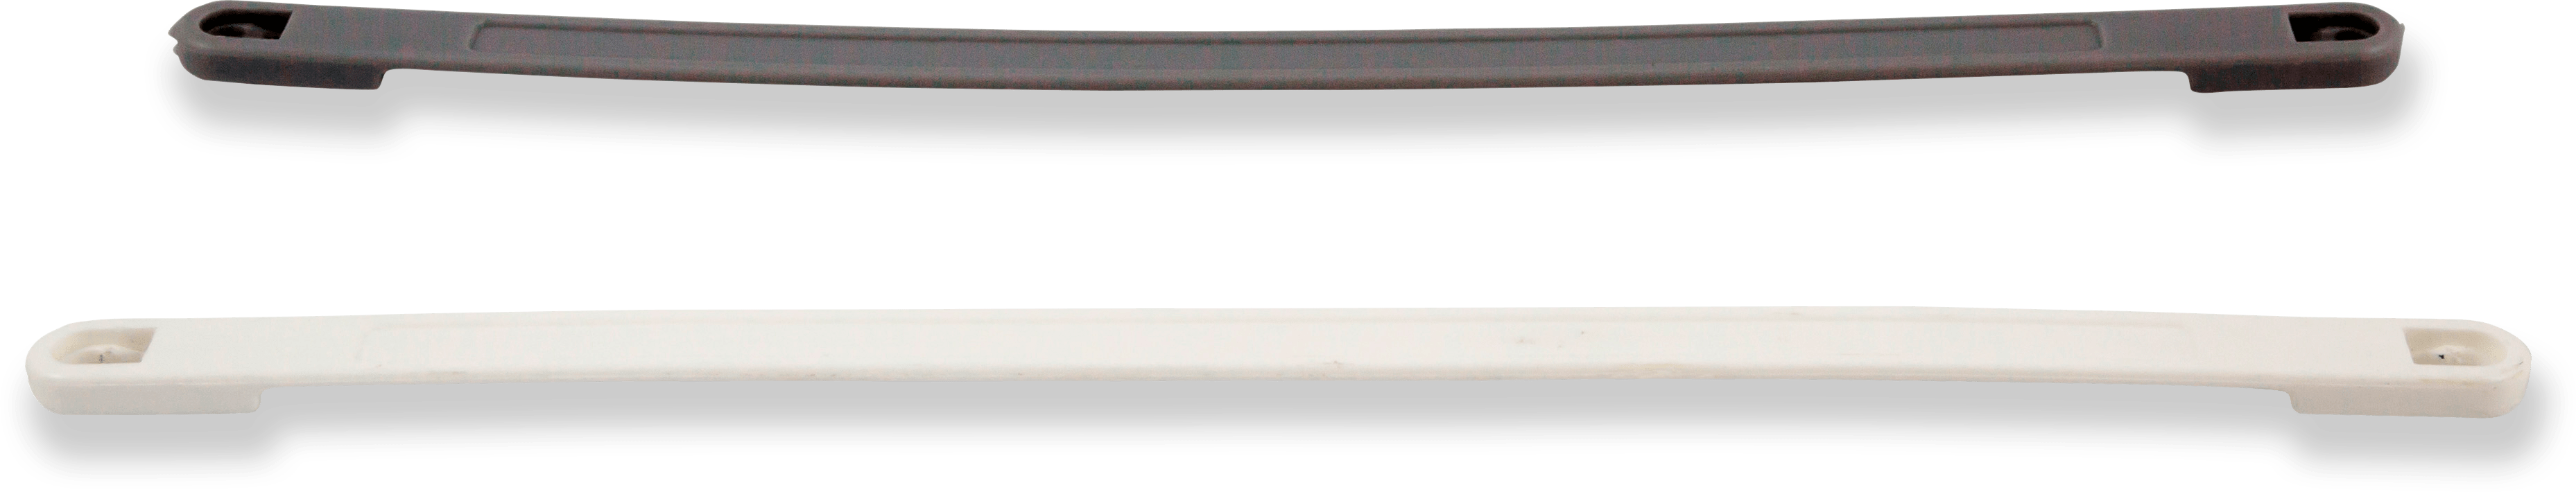 Manico ad arco plastica prodotto da Cavioni Fustitalia